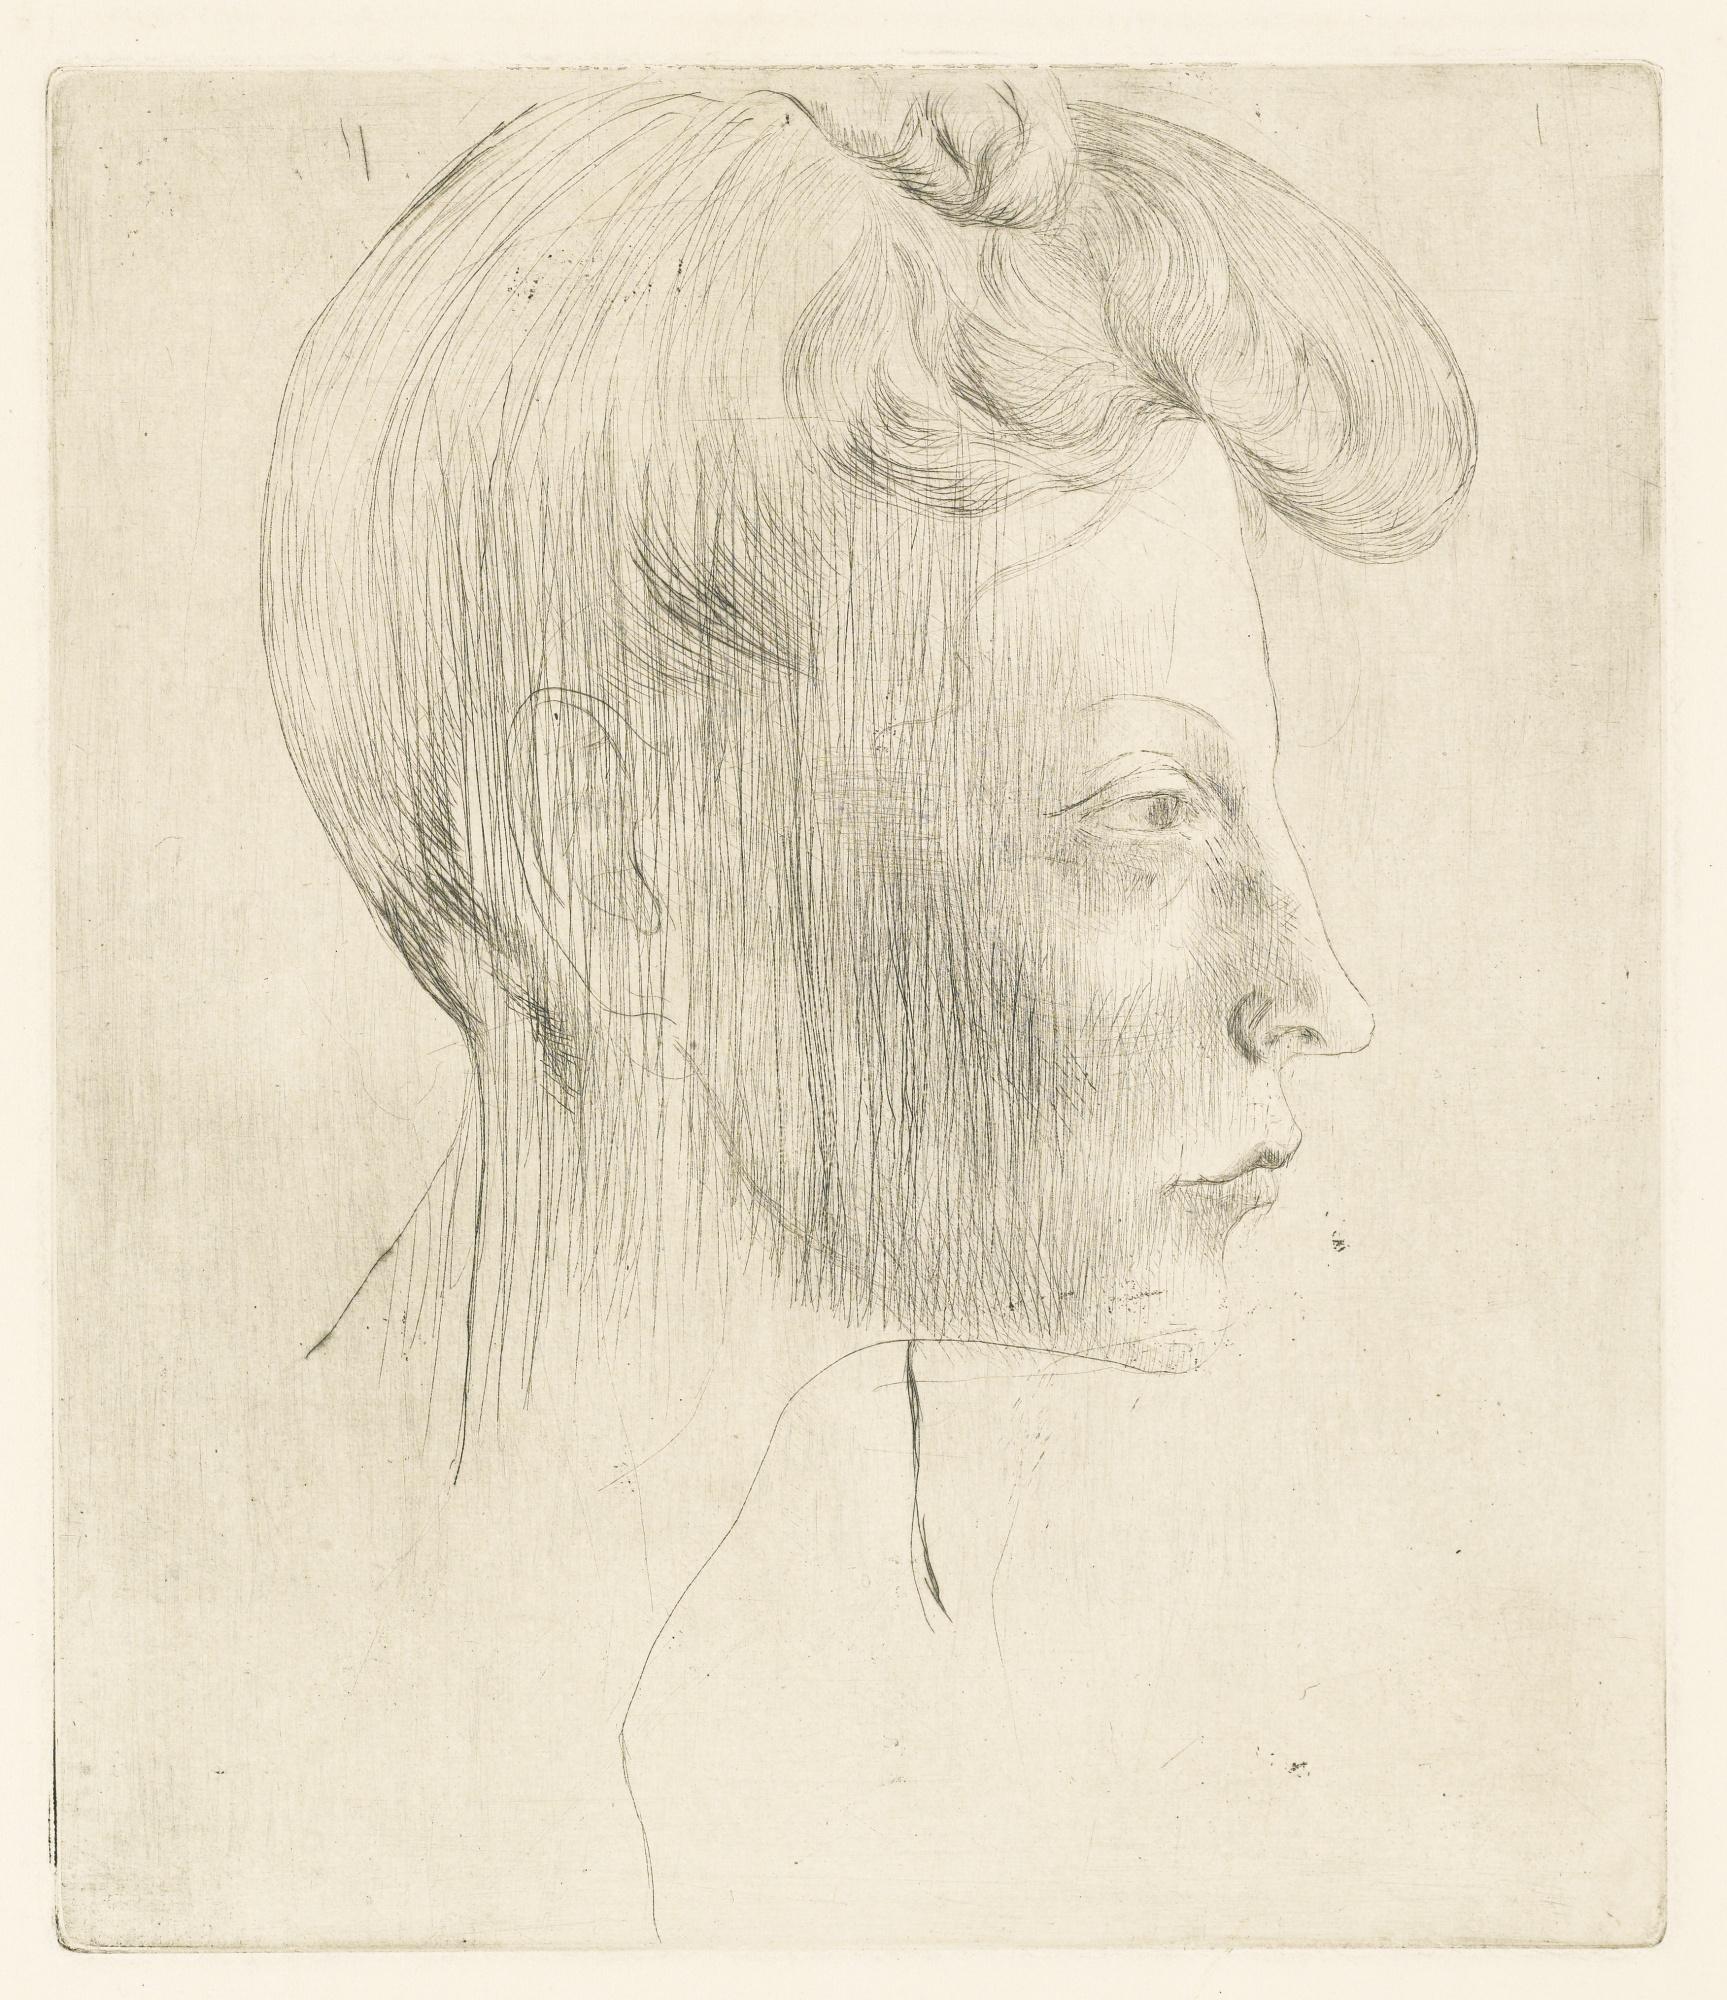 Pablo Picasso - la suite des saltimbanques, 14 encres ans dessins au crayons de 1906-05 , ed° Ambroise Vollard, Paris, 1923 1